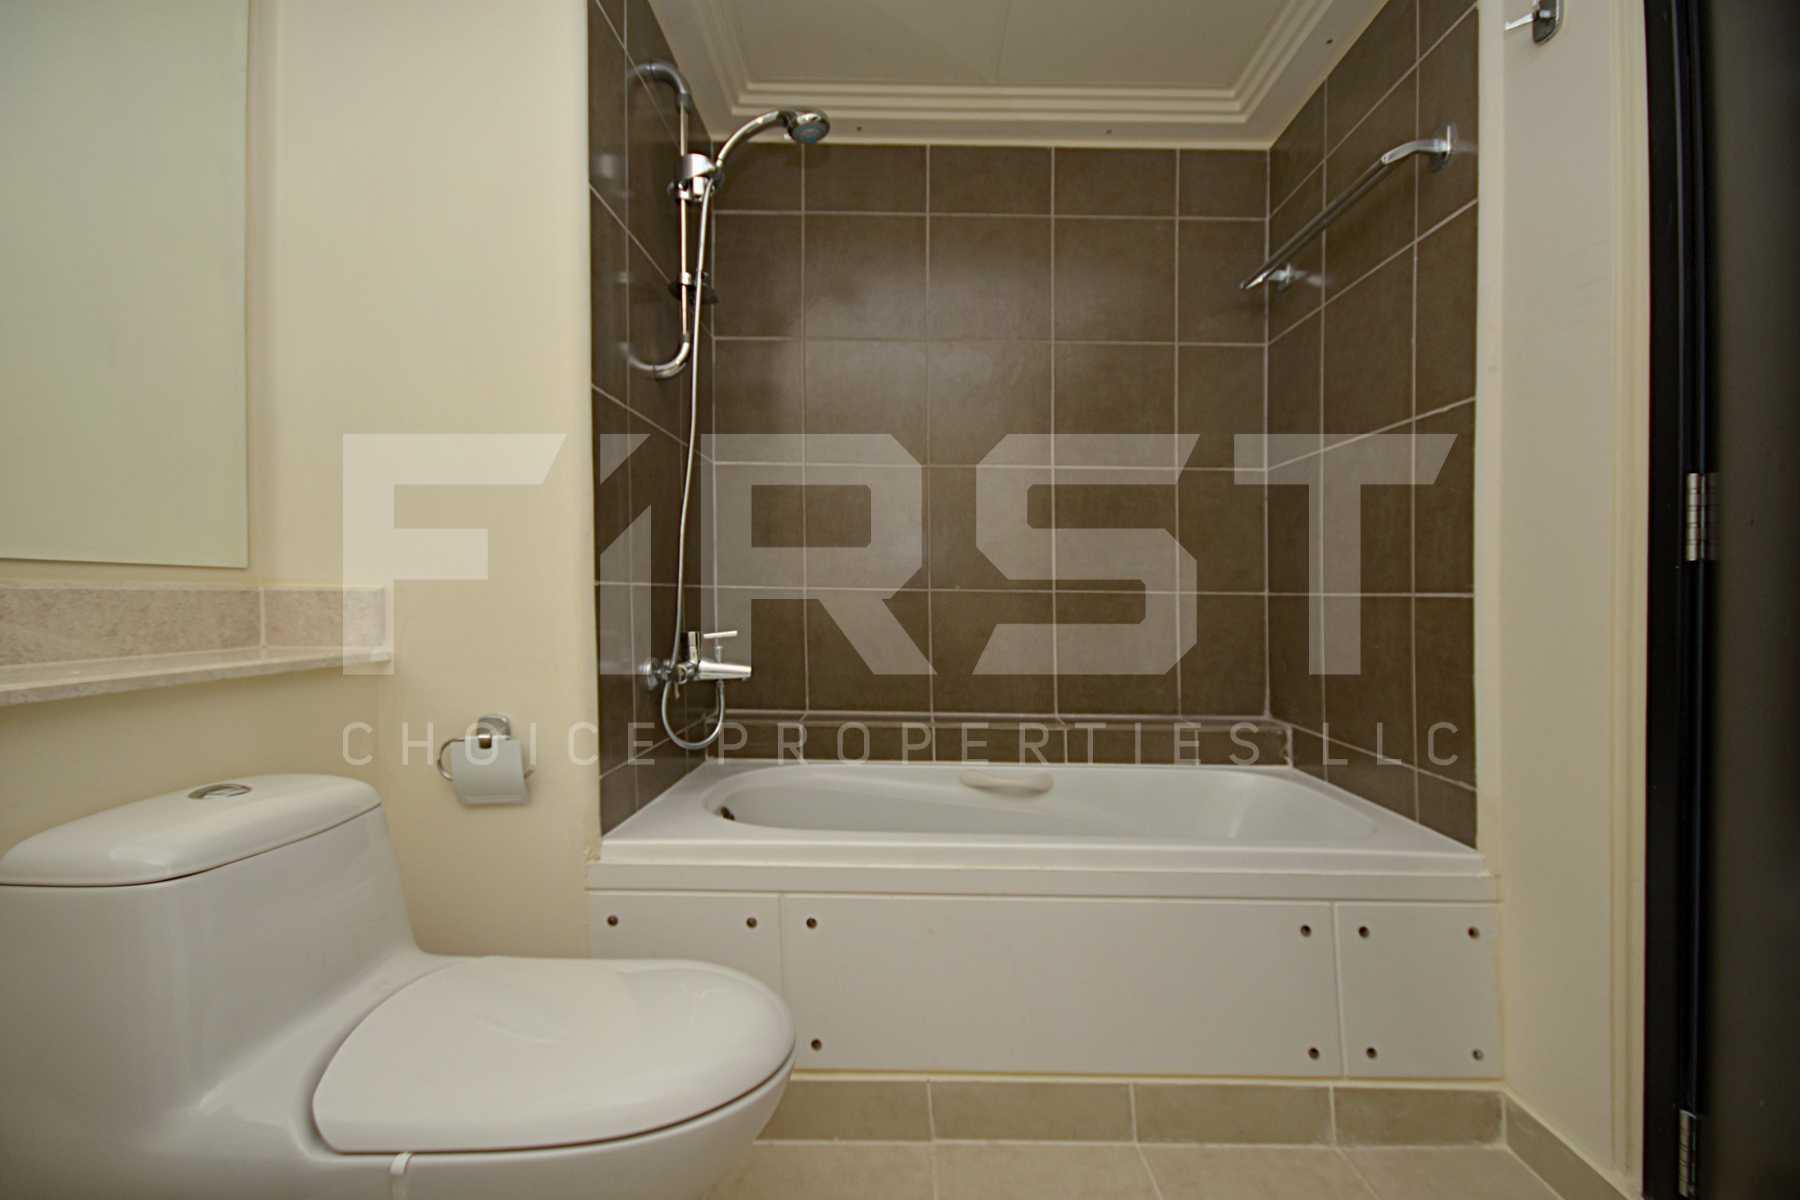 7. Internal Photo of 4 Bedroom Villa in Al Reef Villas Al Reef Abu Dhabi UAE 265.5 sq.m 2858 sq.ft (28).jpg